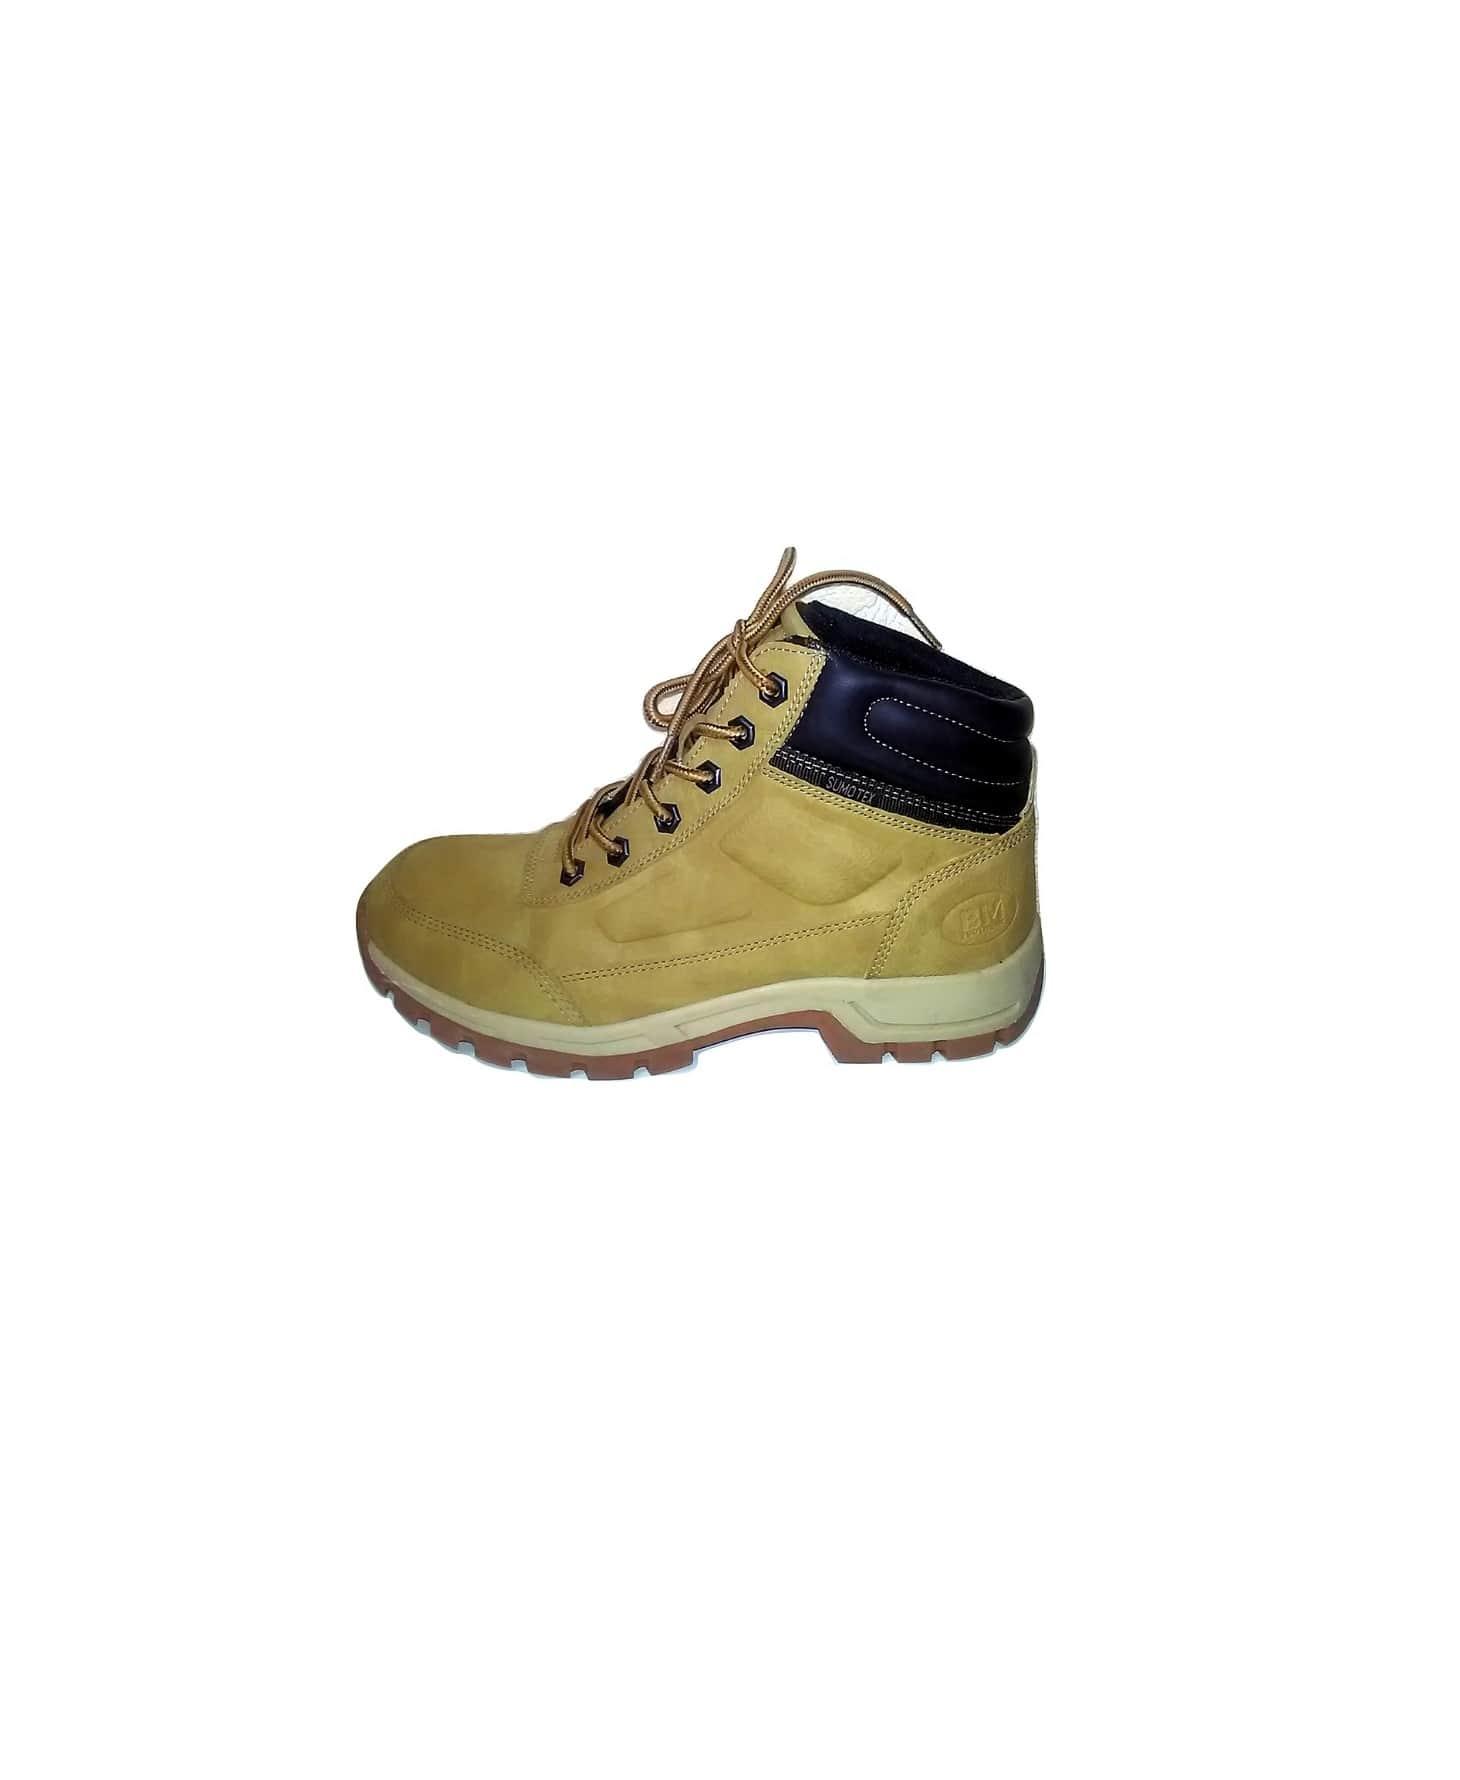 Vyriški smėliniai batai, BM, 43 dydis